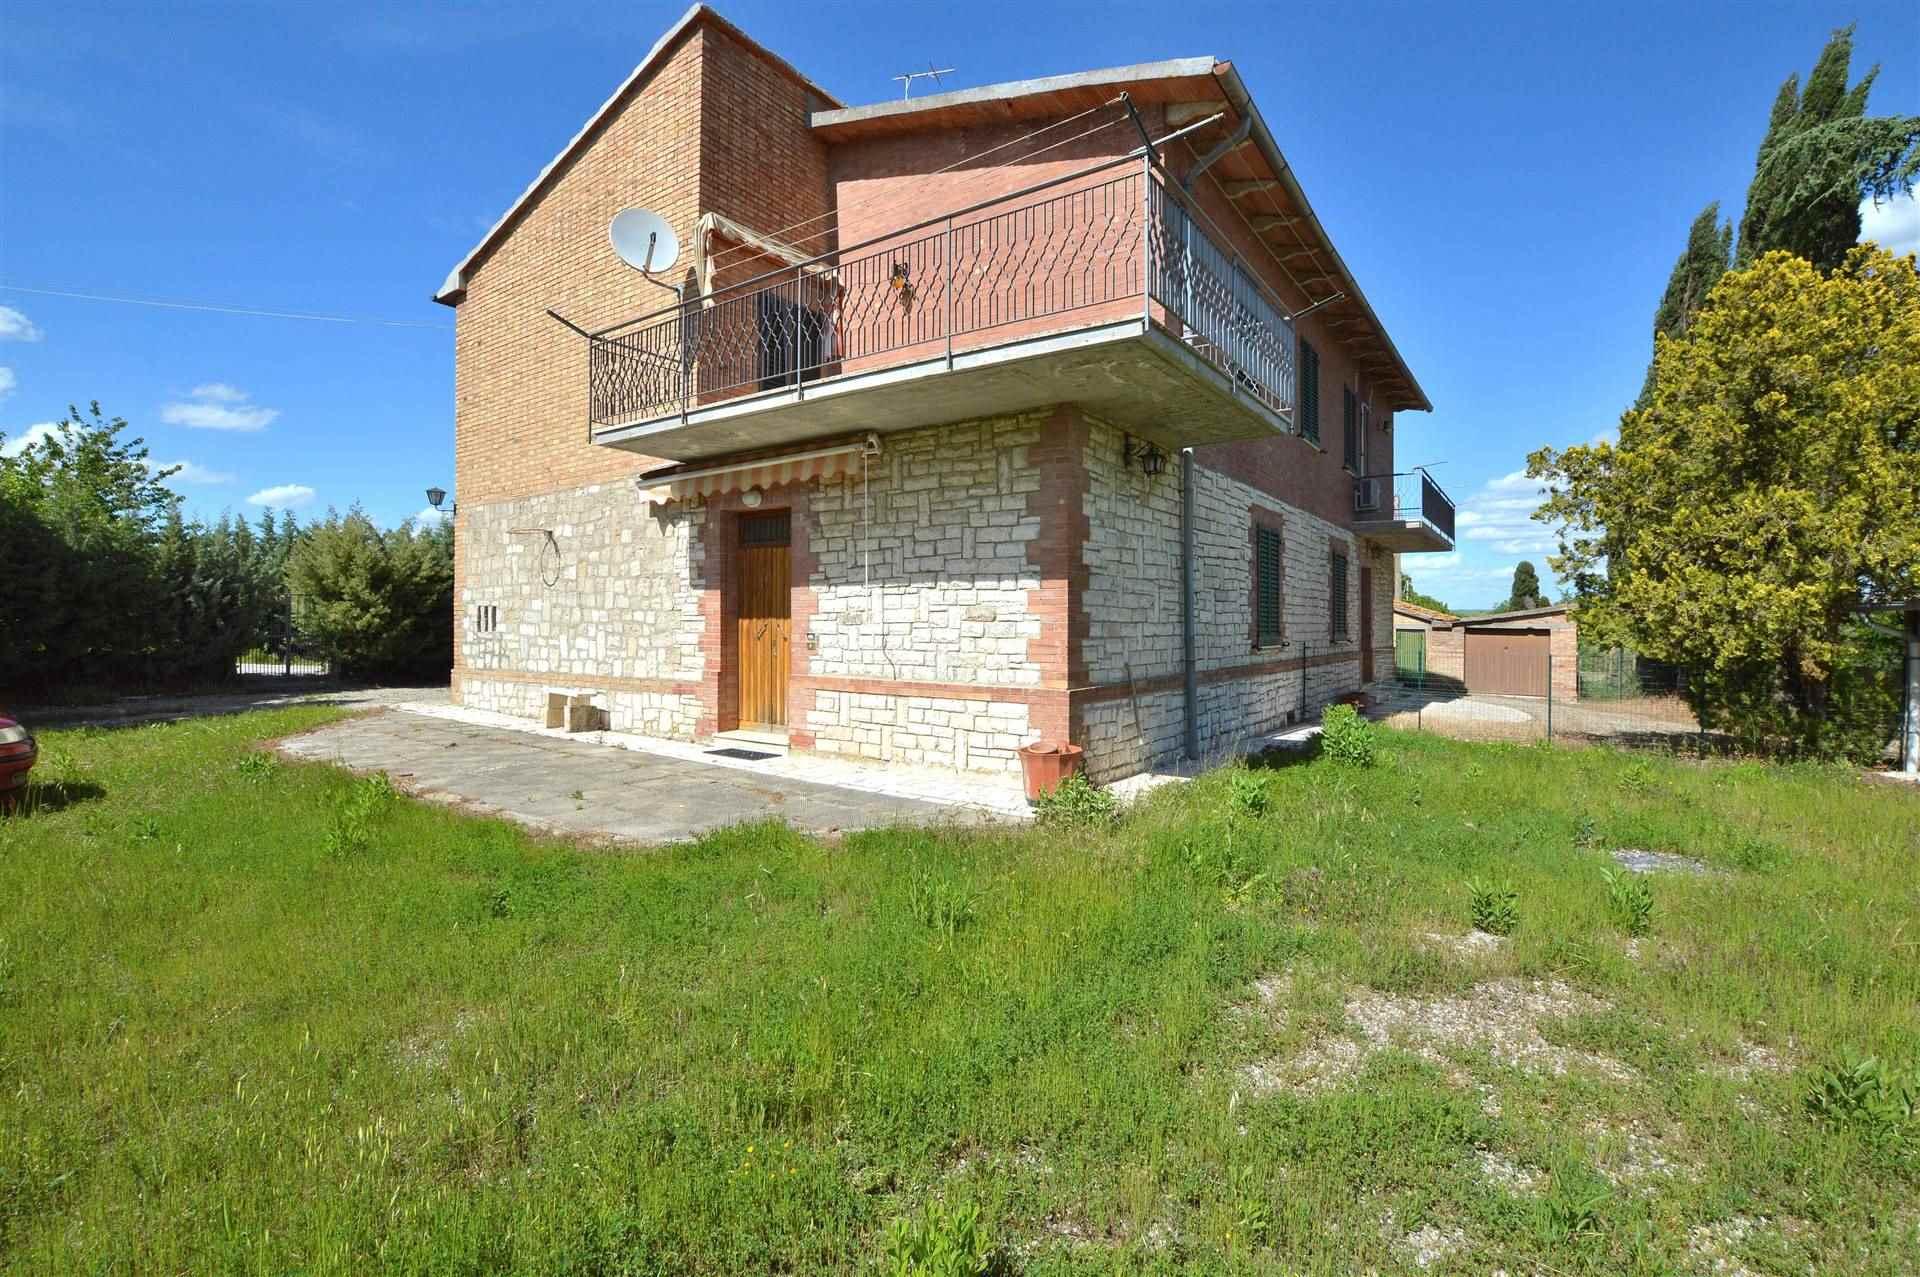 In splendida posizione panoramica con vista sul piccolo Borgo di Chiusure, proponiamo immobile completamente indipendente con ampio giardino e